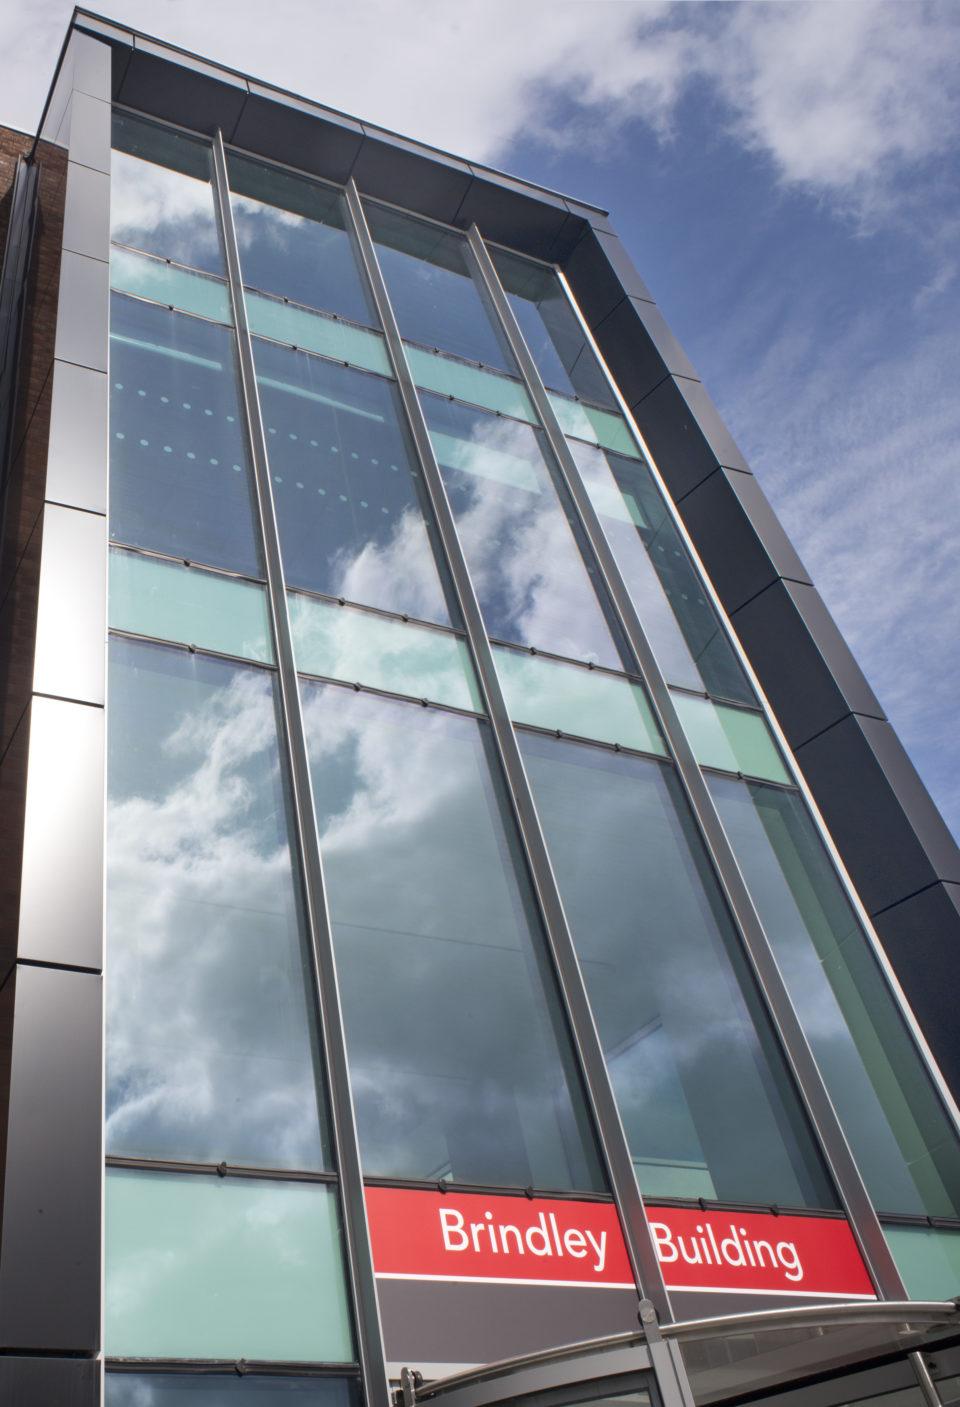 Brindley Building